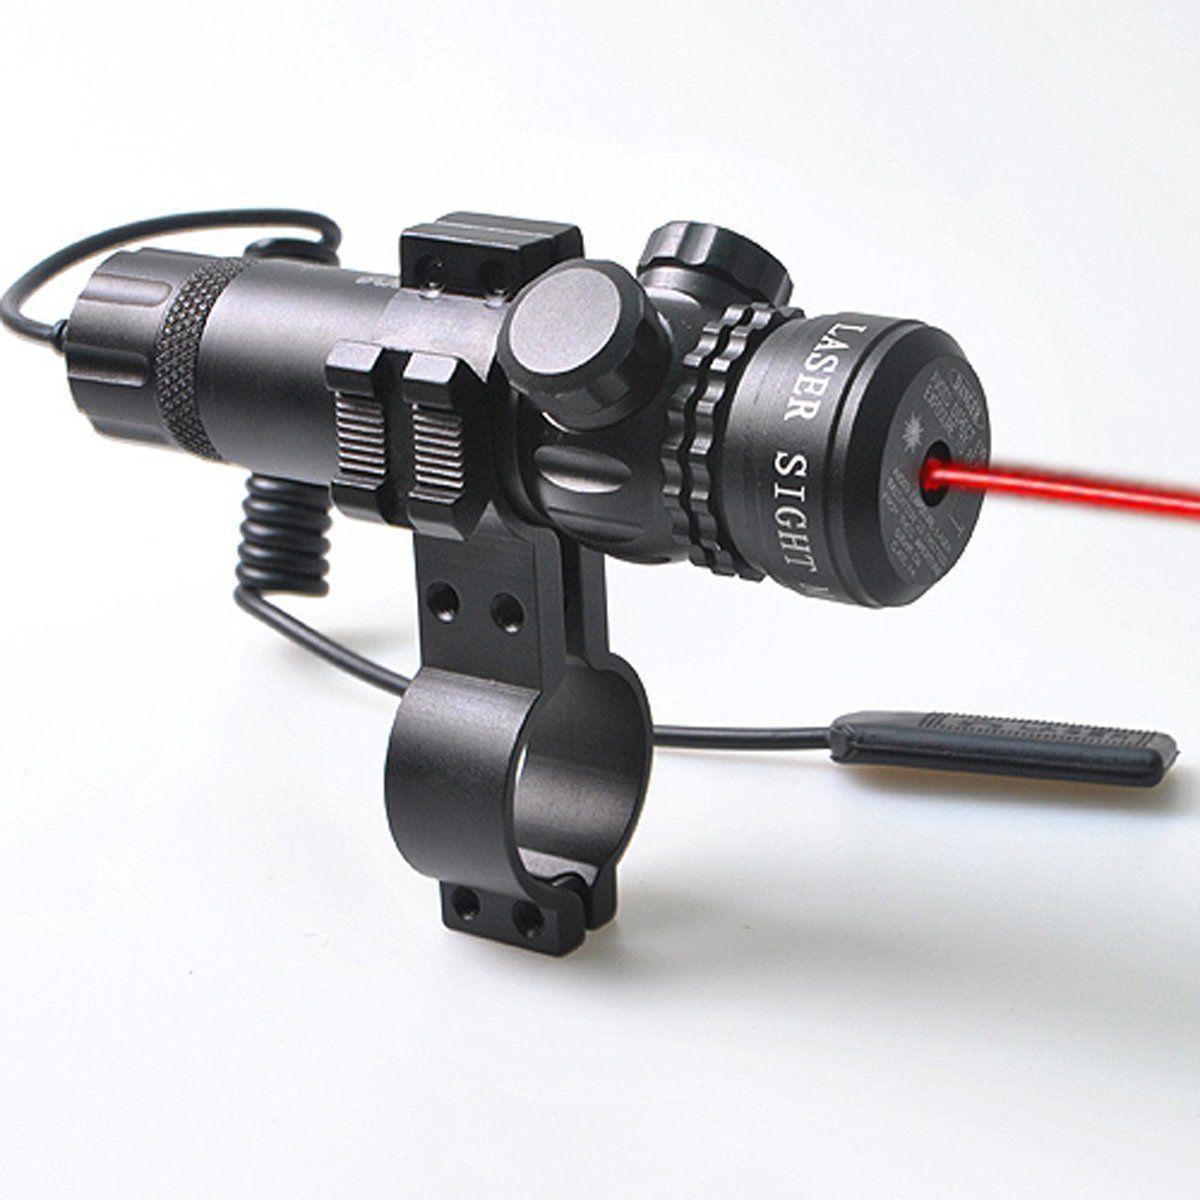 Scatola porta fucile da caccia con cannocchiale rosso mirino puntatore laser rosso con 2 interruttori